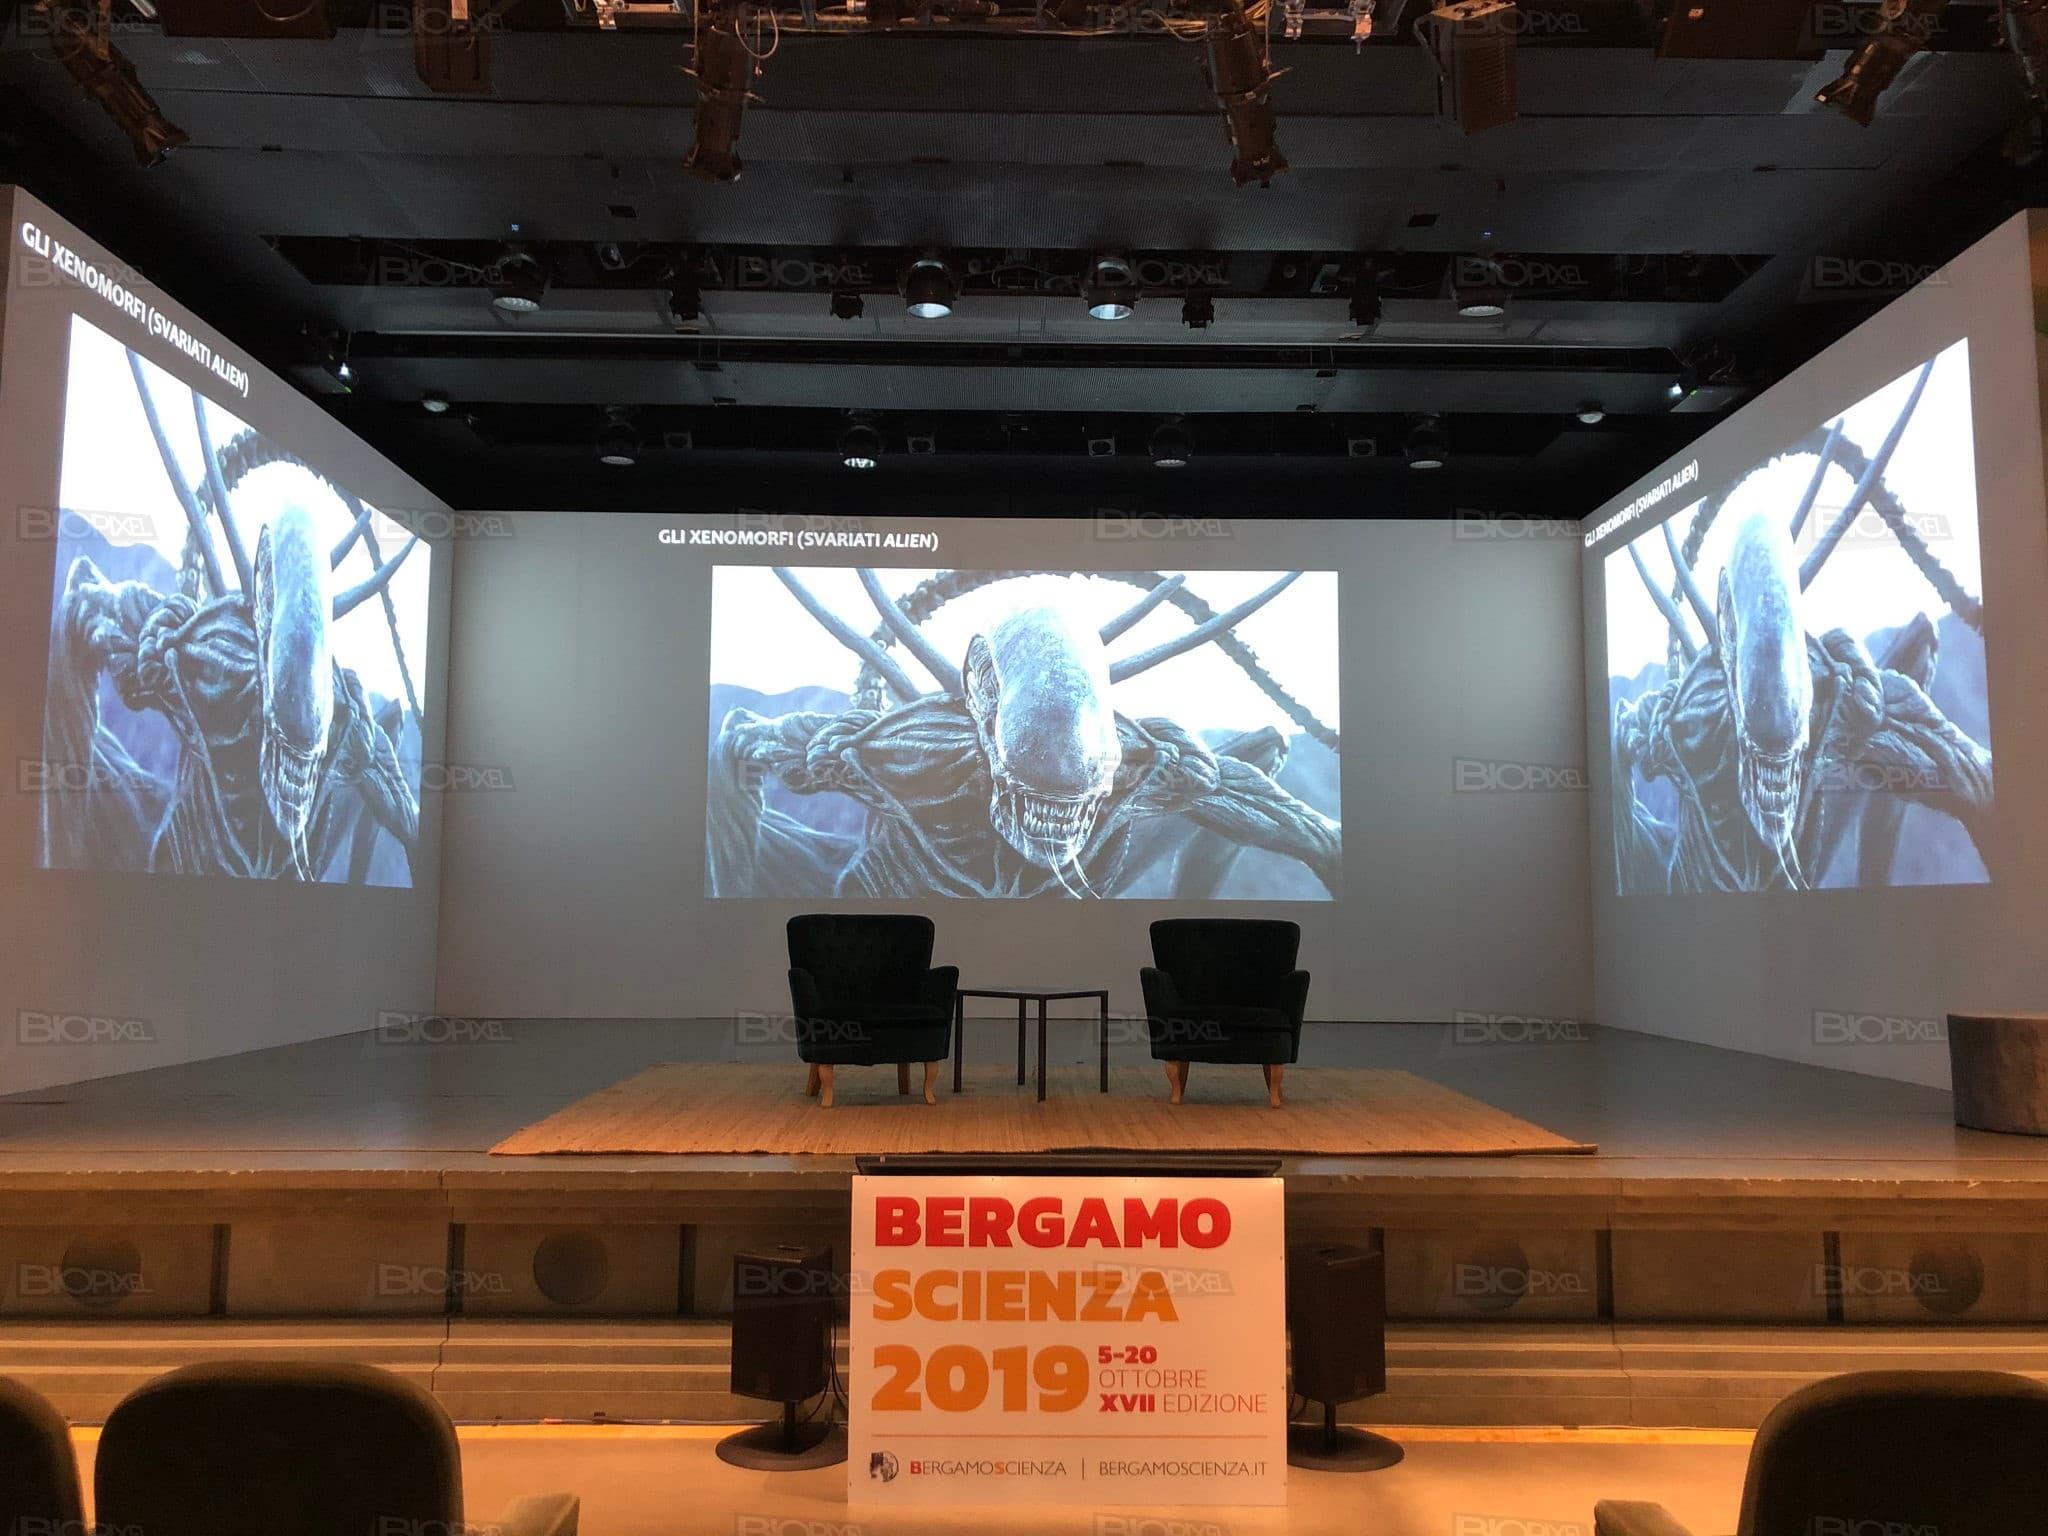 biopixel@bergamoscienza2019 videoproiezione widescreen